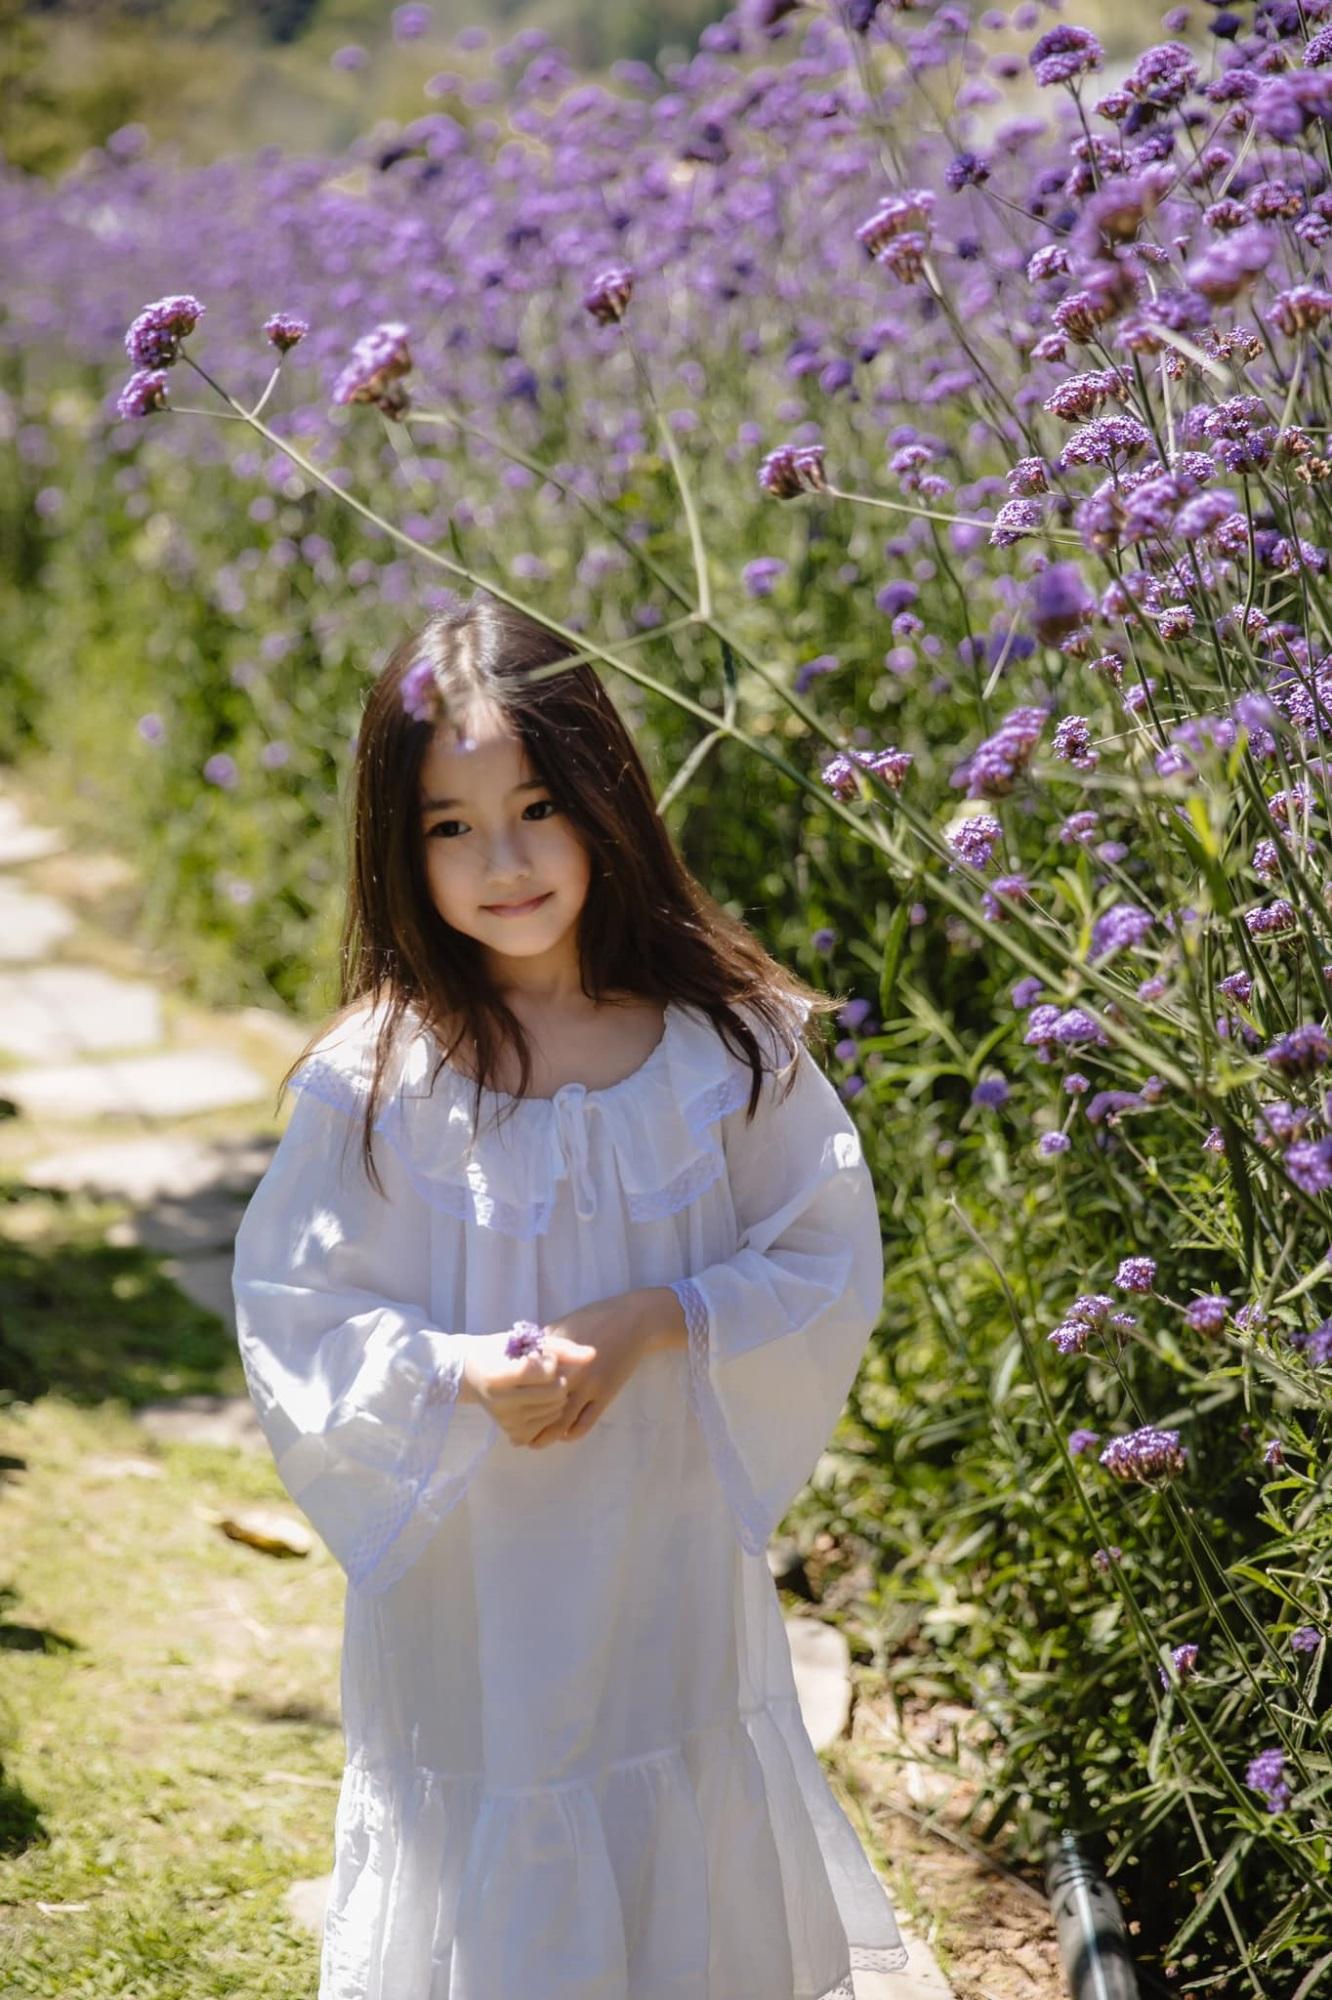 """Không hổ danh con gái Hoa hậu, công chúa nhỏ của Hà Kiều Anh sở hữu """"gen đẹp"""" của mẹ, càng lớn càng lộ khí chất đại mỹ nhân - Ảnh 5"""